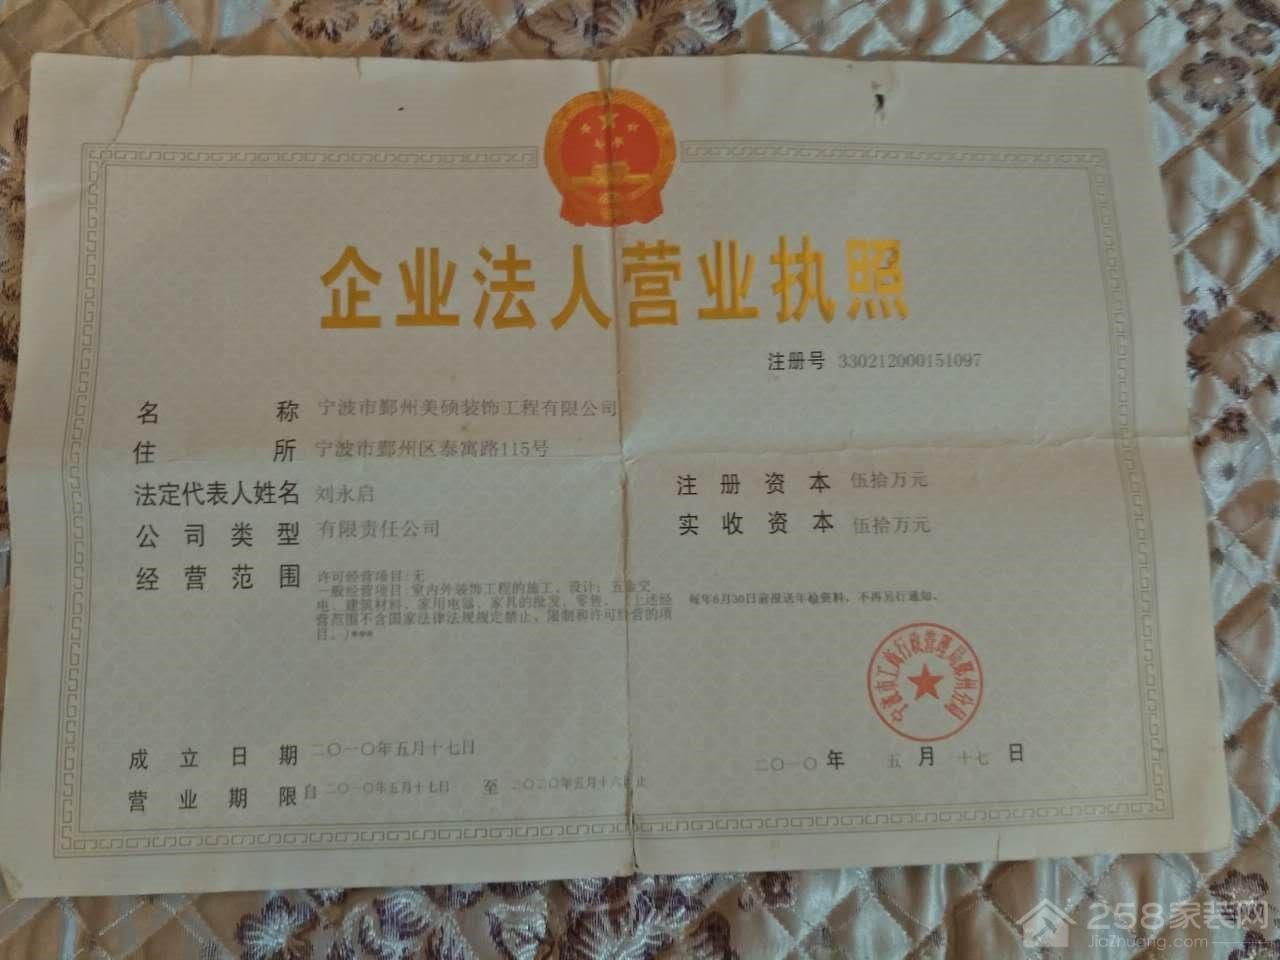 宁波市鄞州美硕装饰工程有限公司